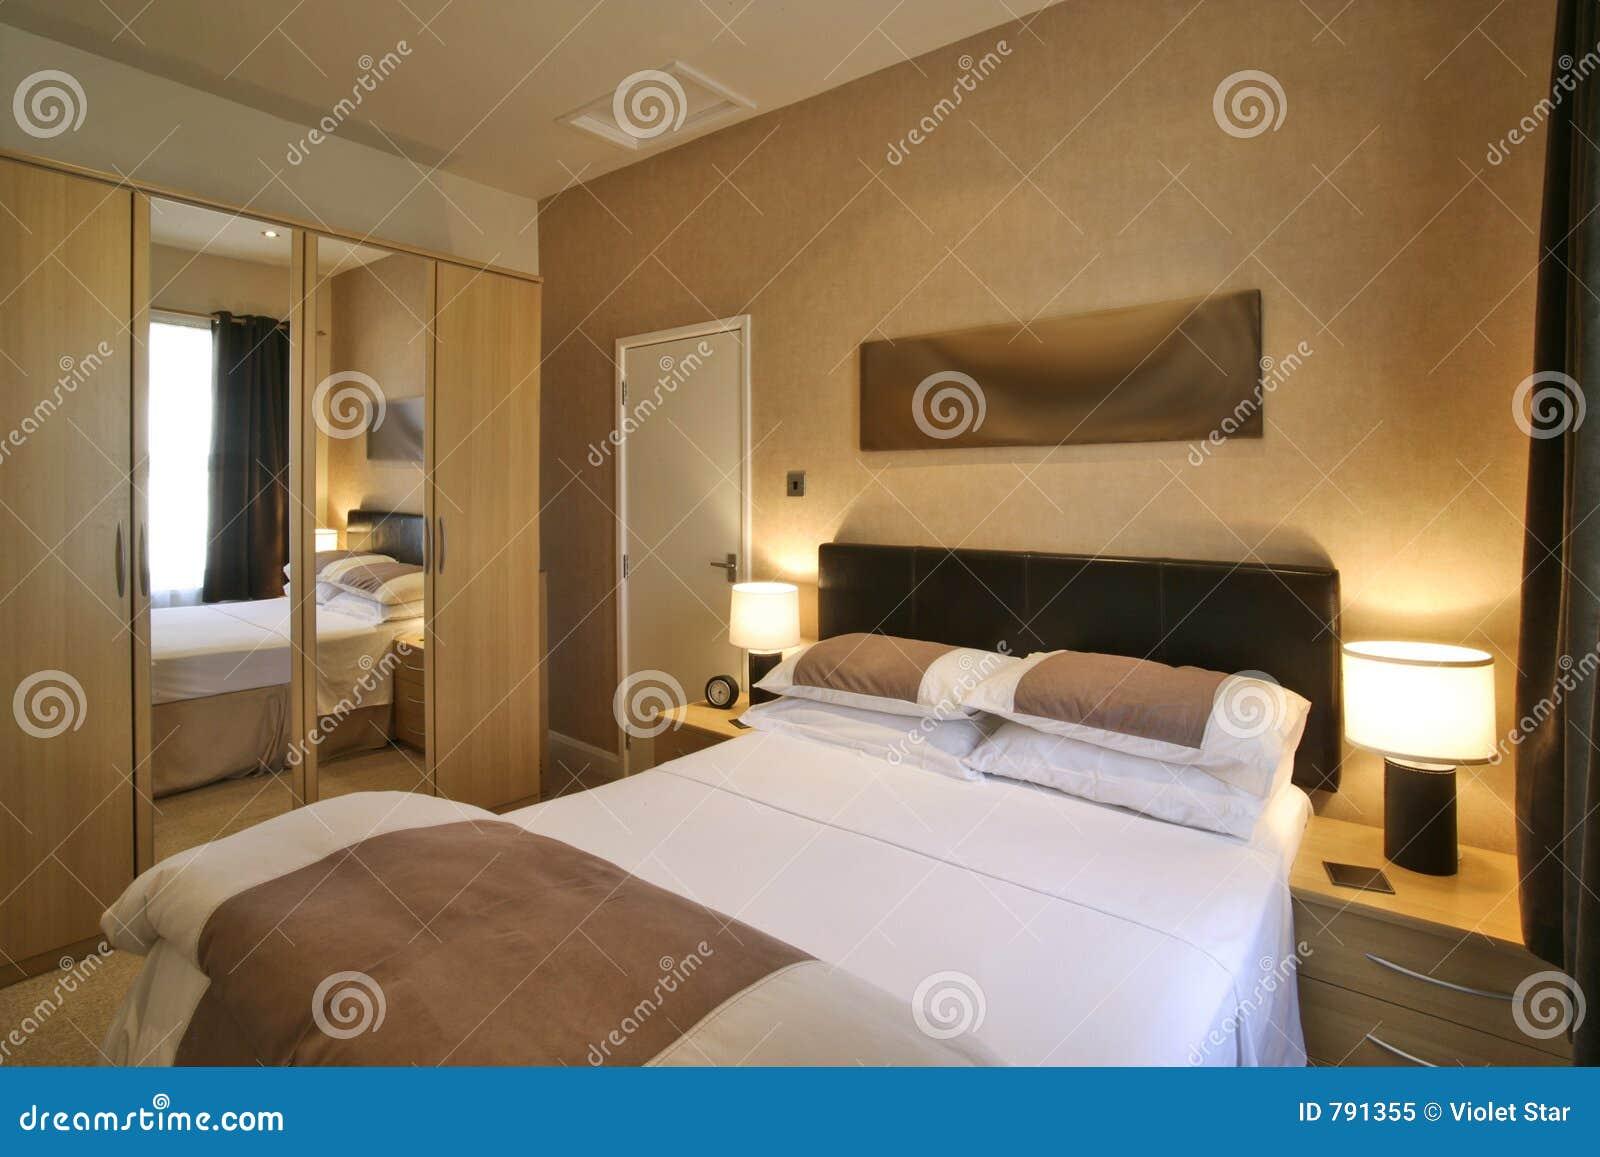 Chambre u00e0 Coucher De Luxe Photo libre de droits - Image: 791355